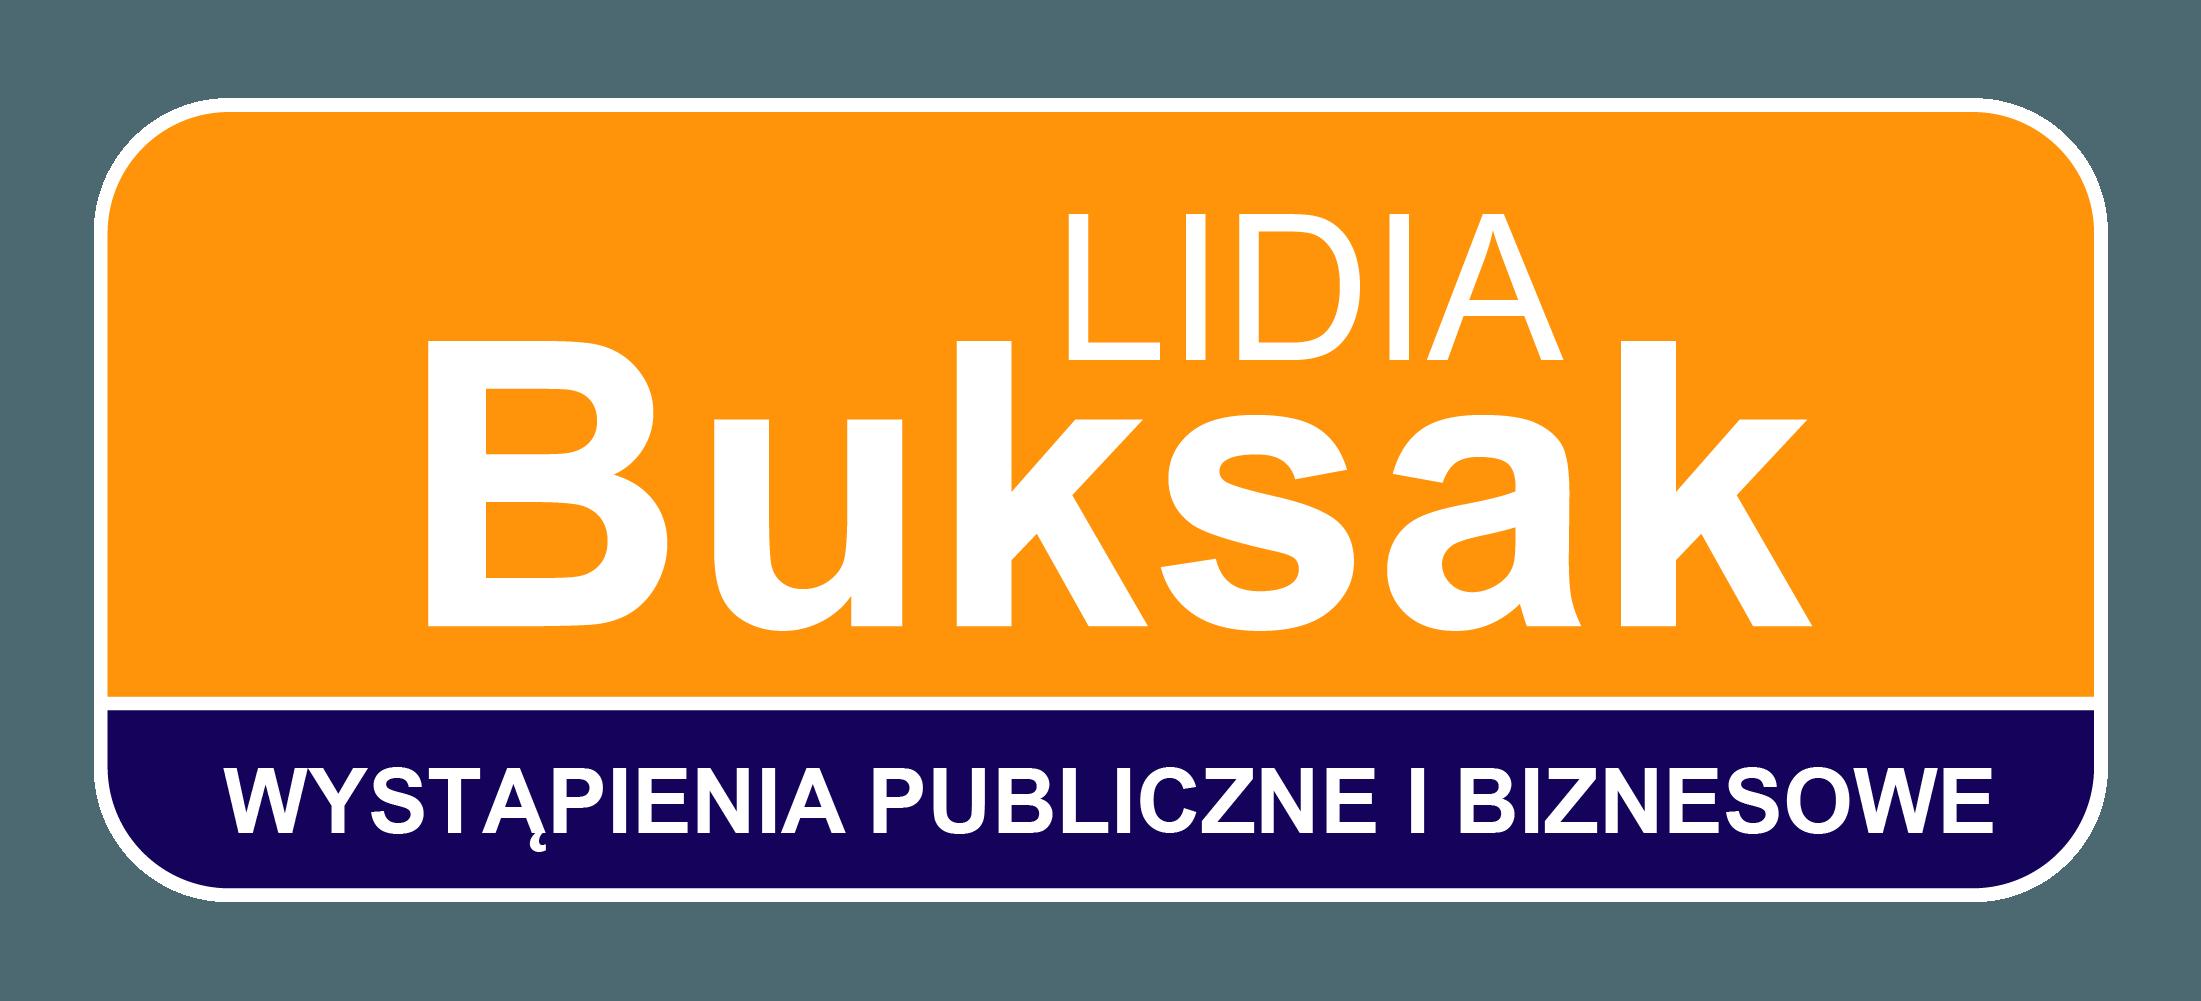 Lidia  Buksak